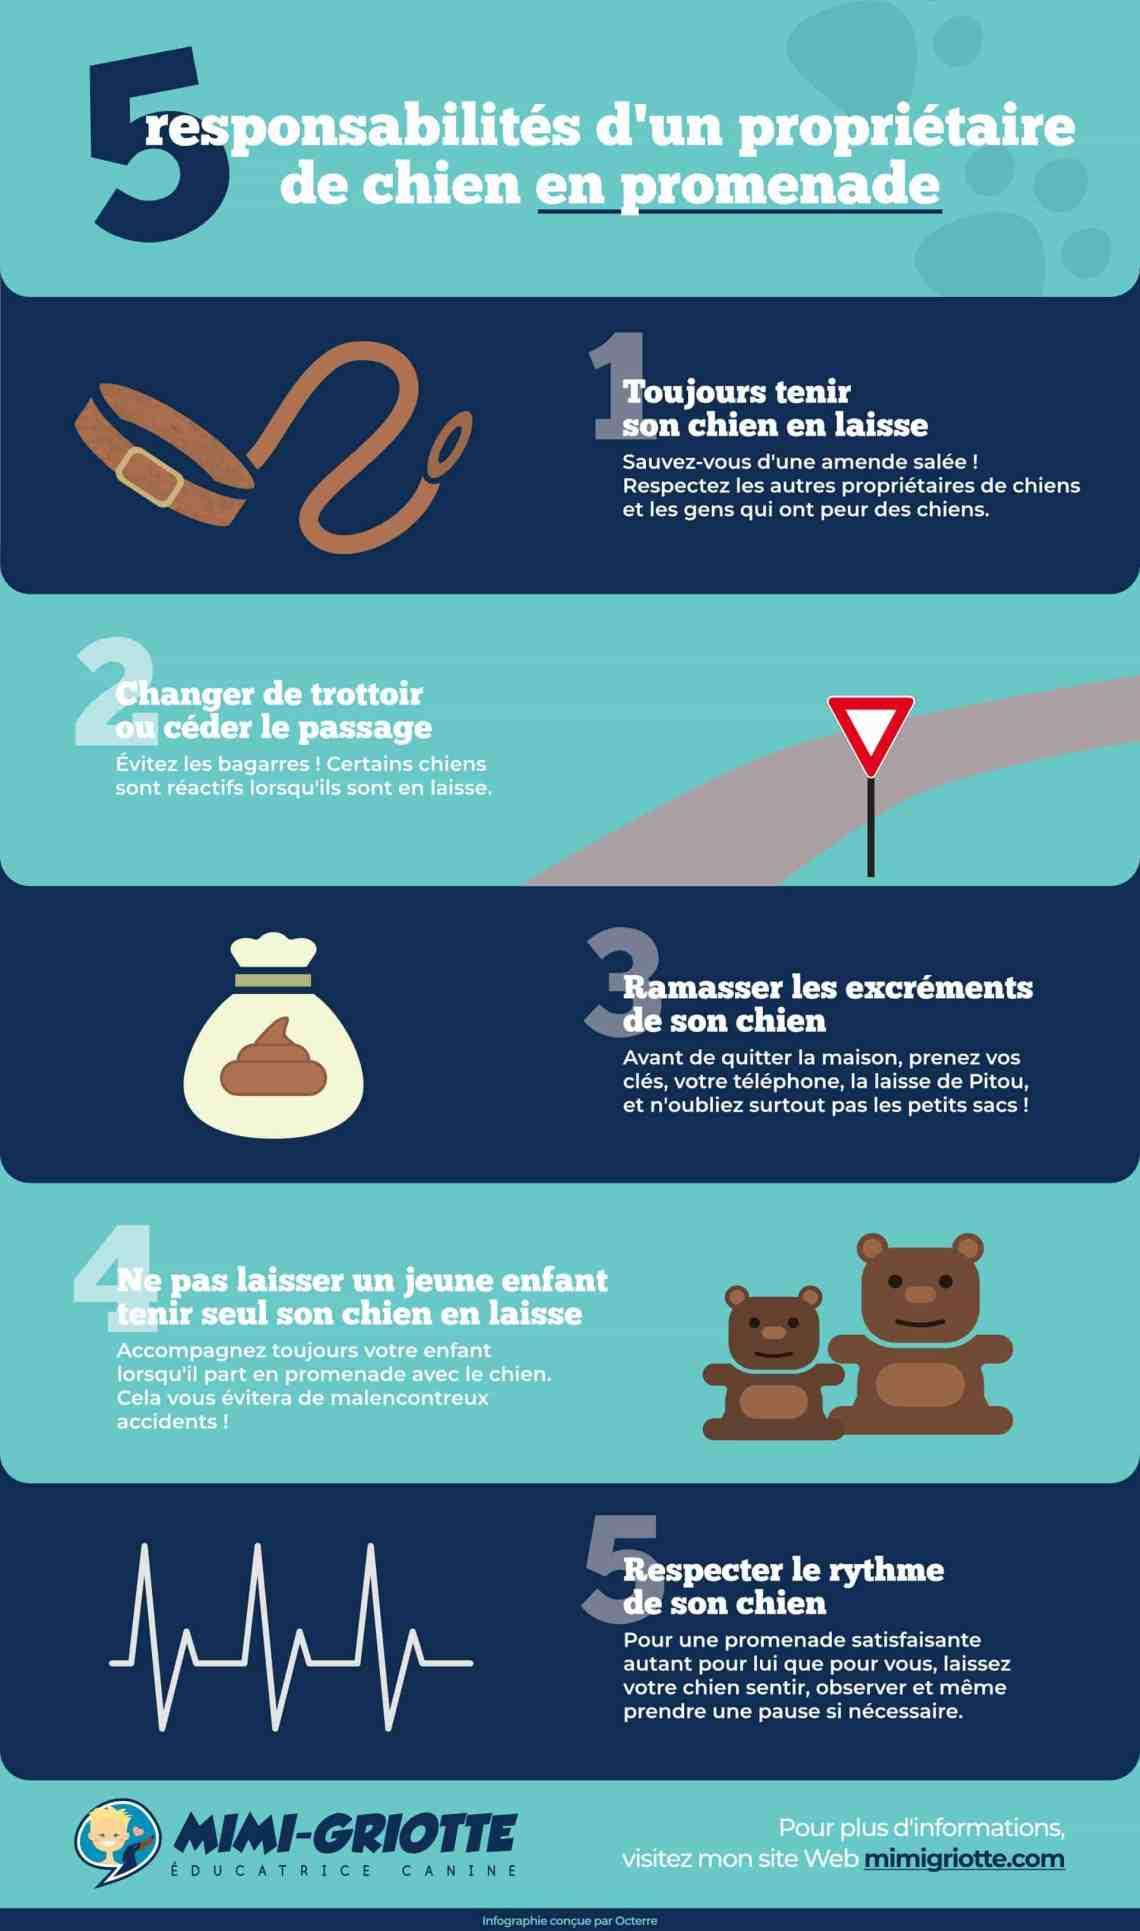 5 responsabilités fondamentales d'un propriétaire de chien